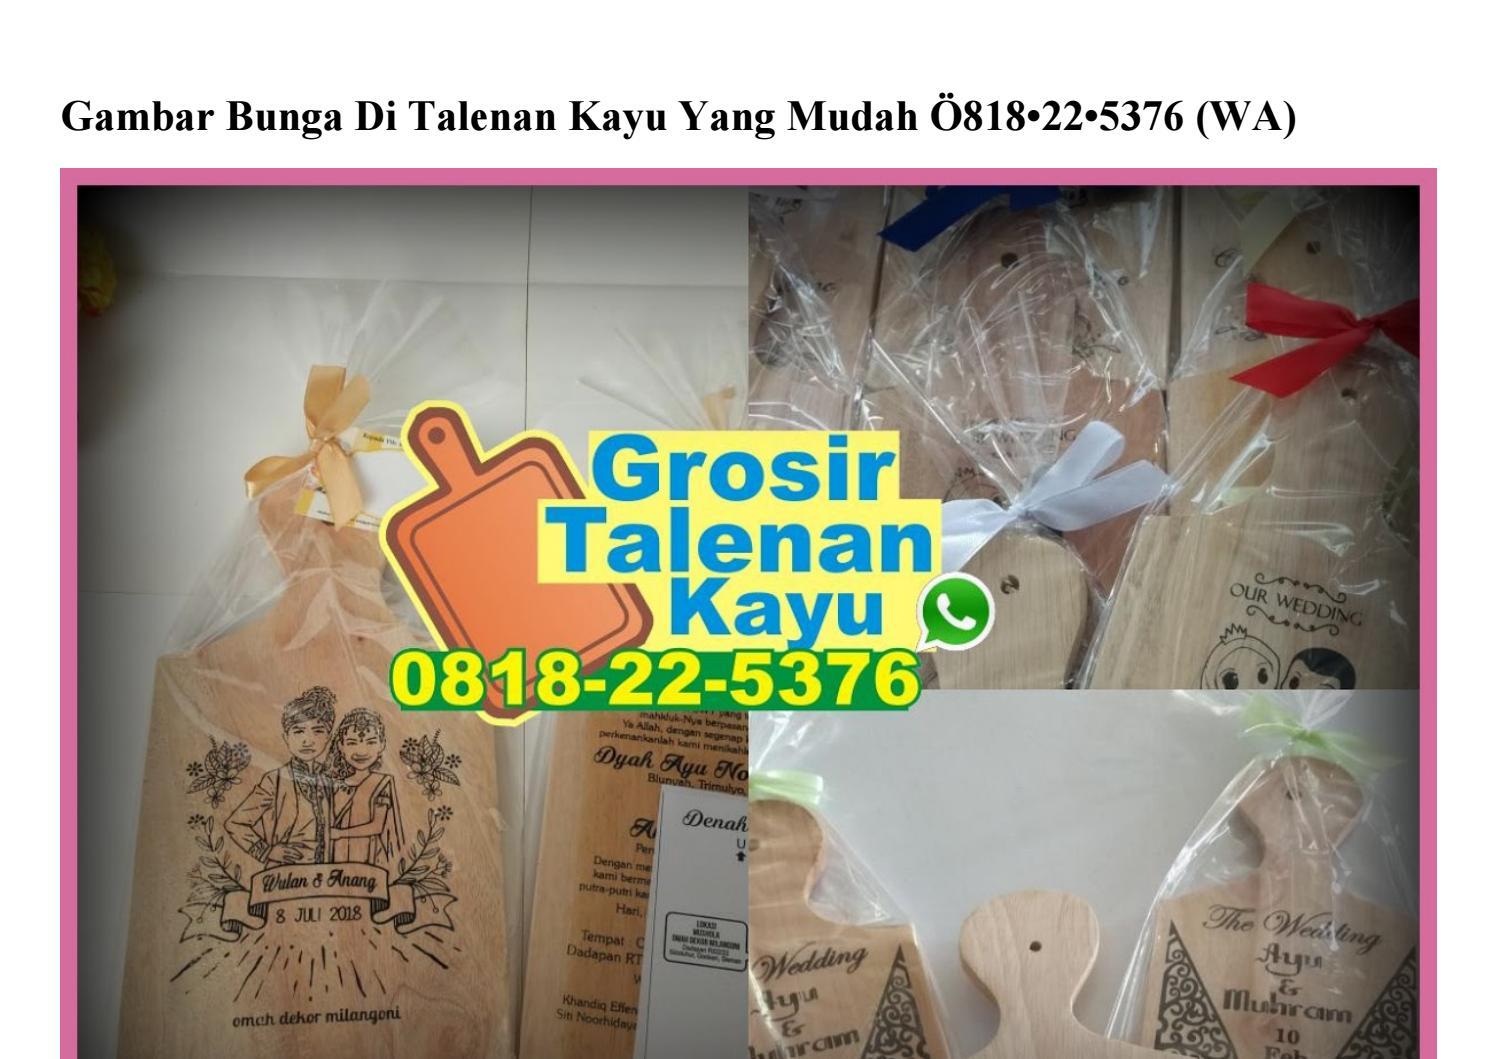 Gambar Bunga Di Talenan Kayu Yang Mudah 0818 22 5376 Wa By Durian